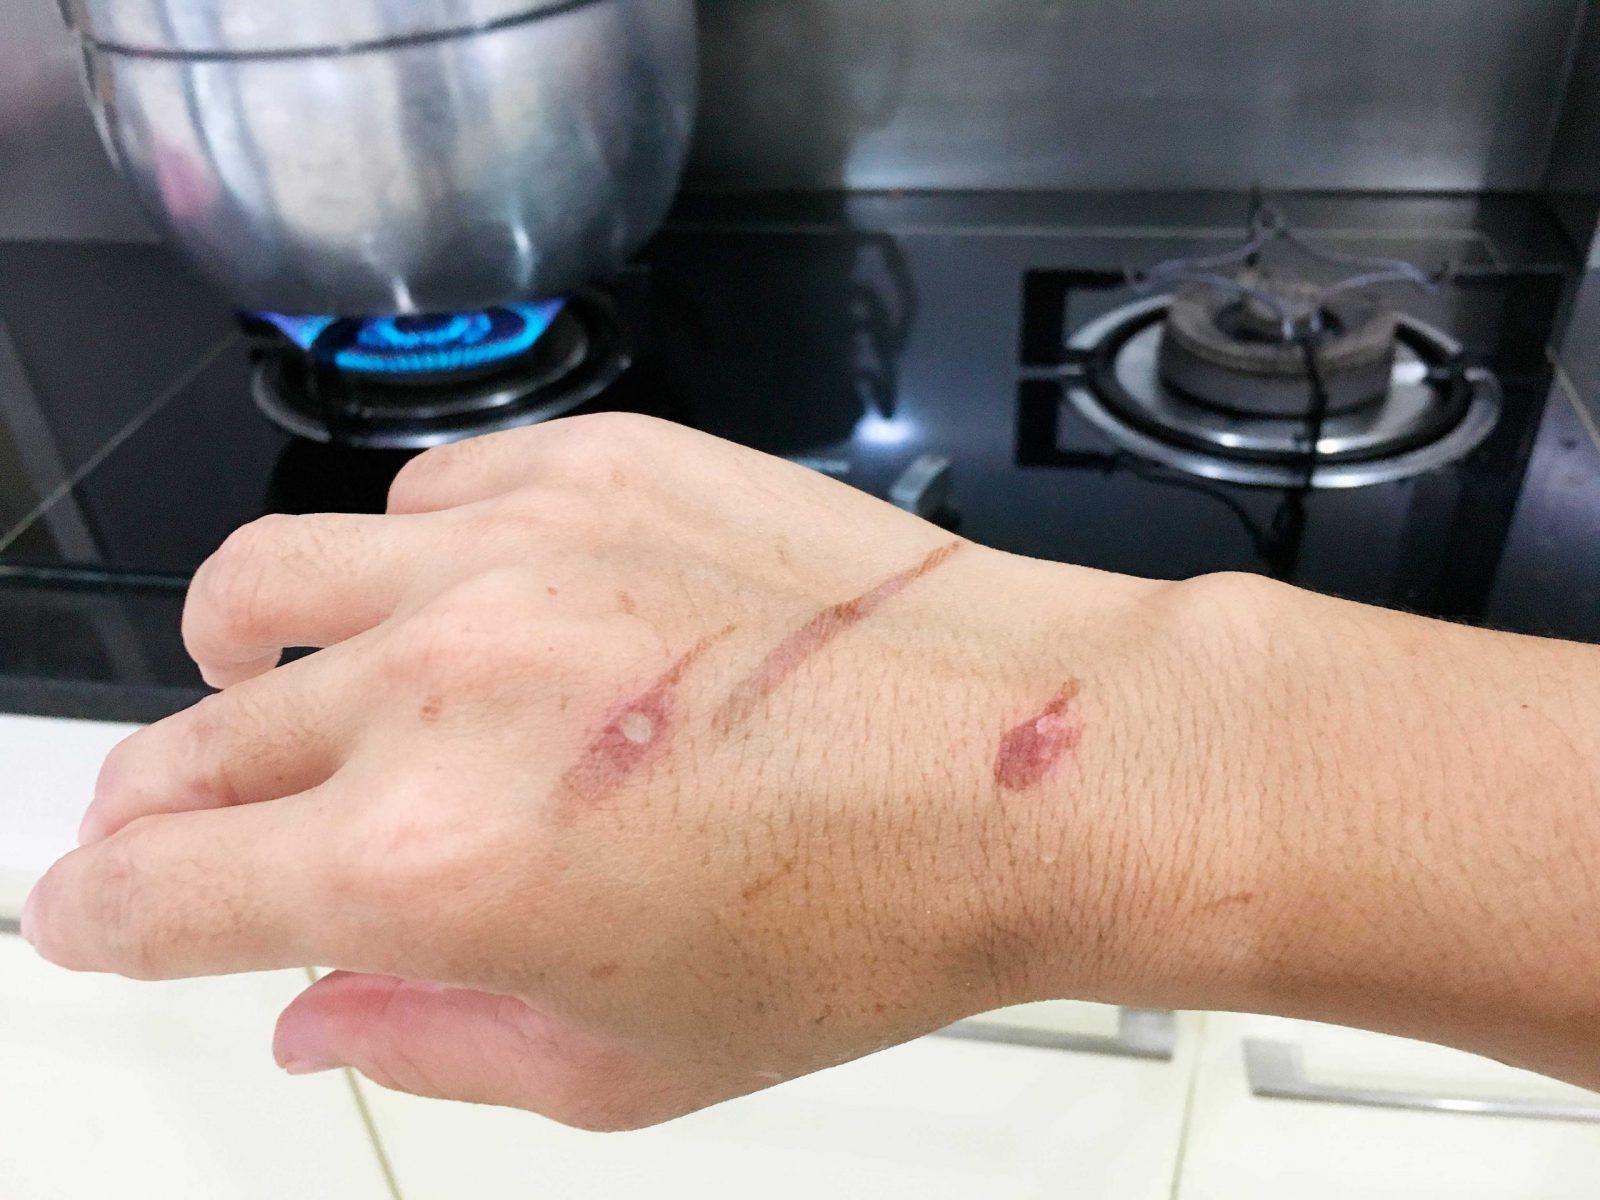 Κάψιμο στο χέρι: Πώς φροντίζουμε ένα έγκαυμα